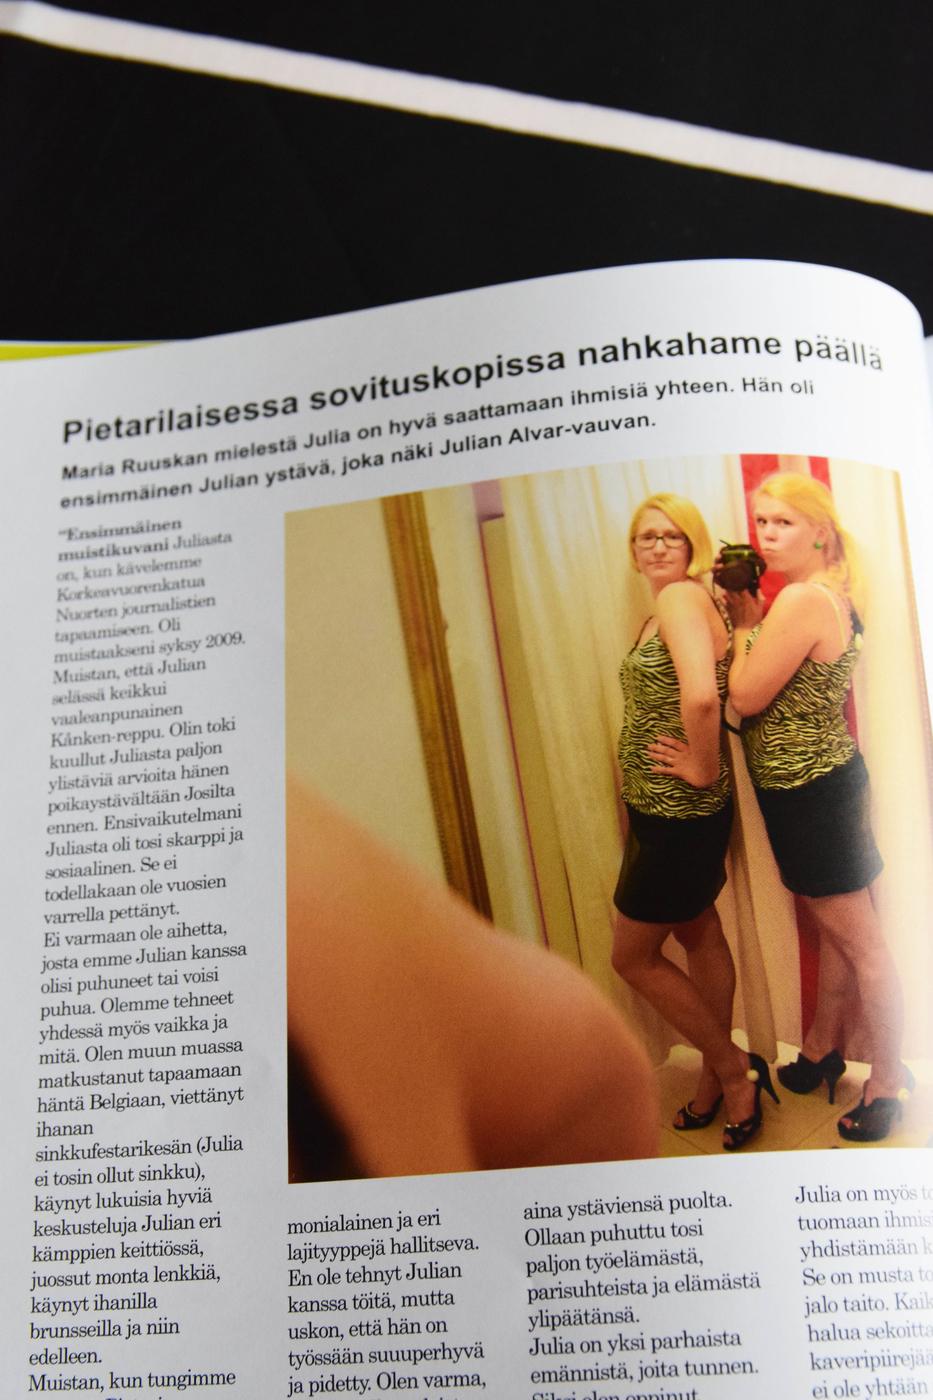 juliaihminen lehti8.jpg